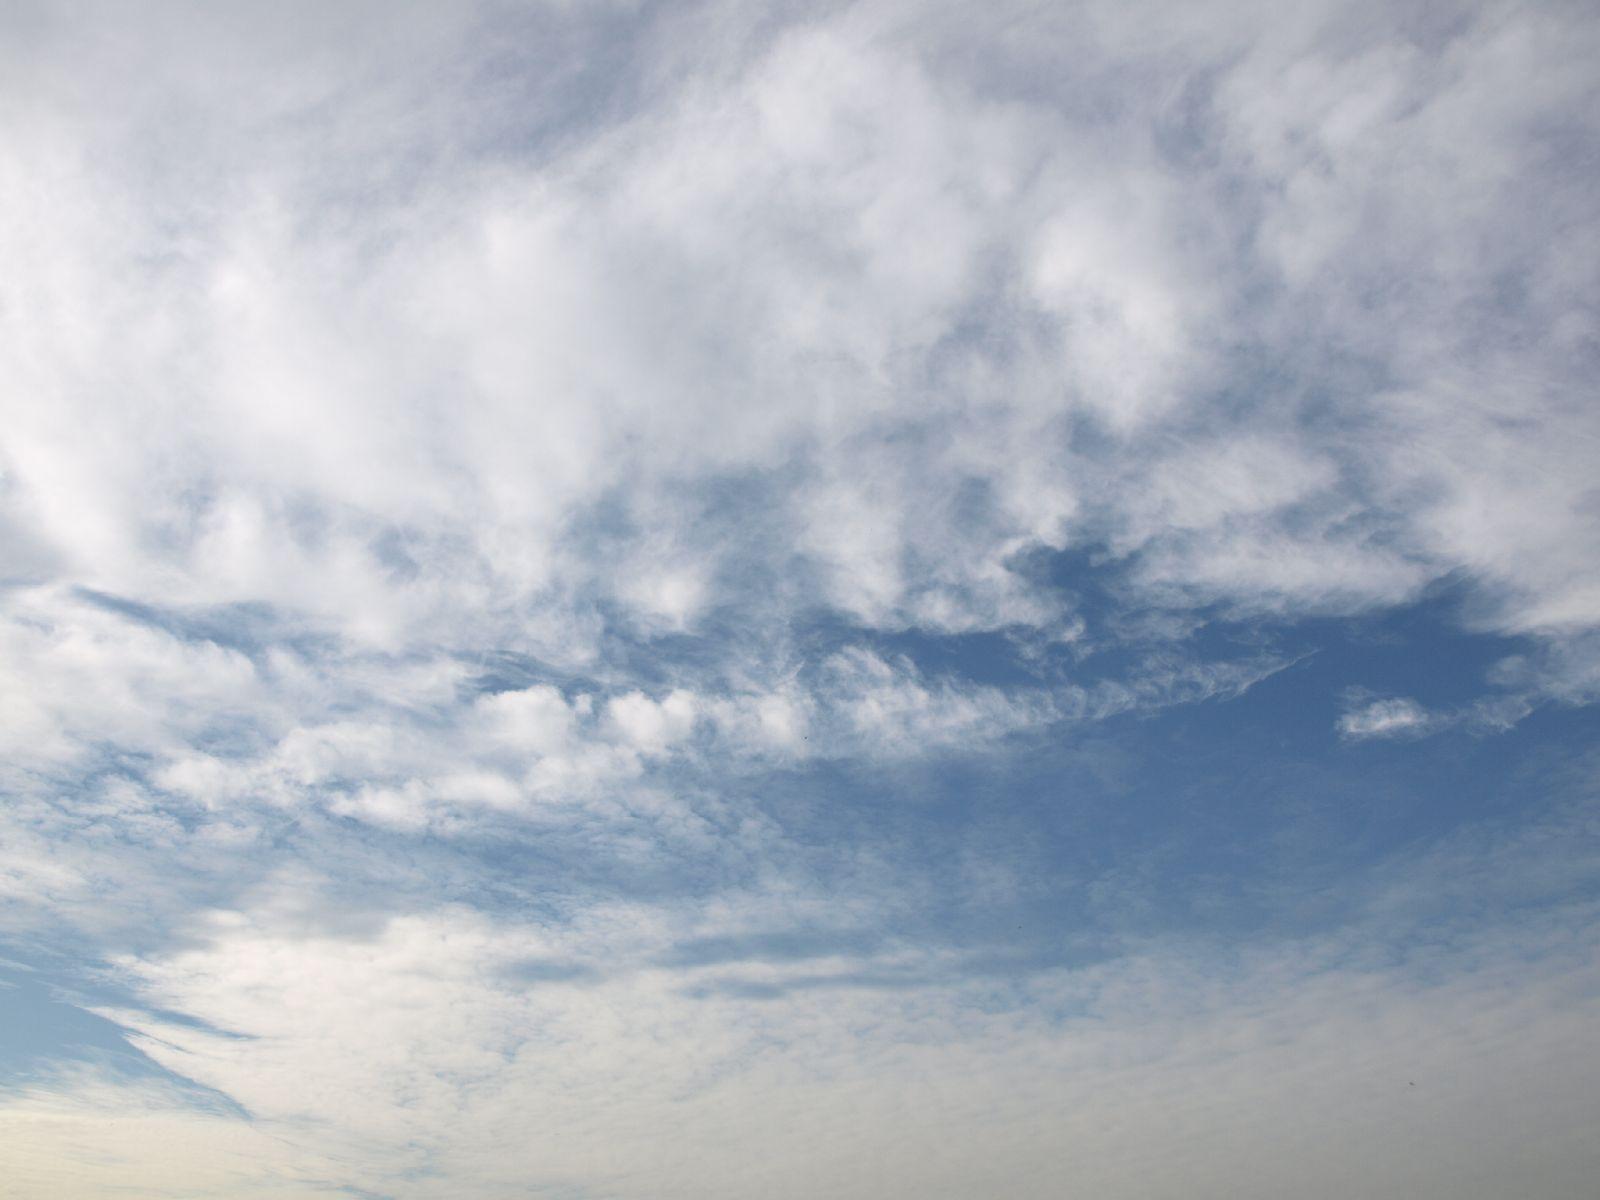 Himmel-Wolken-Foto_Textur_A_P9194986